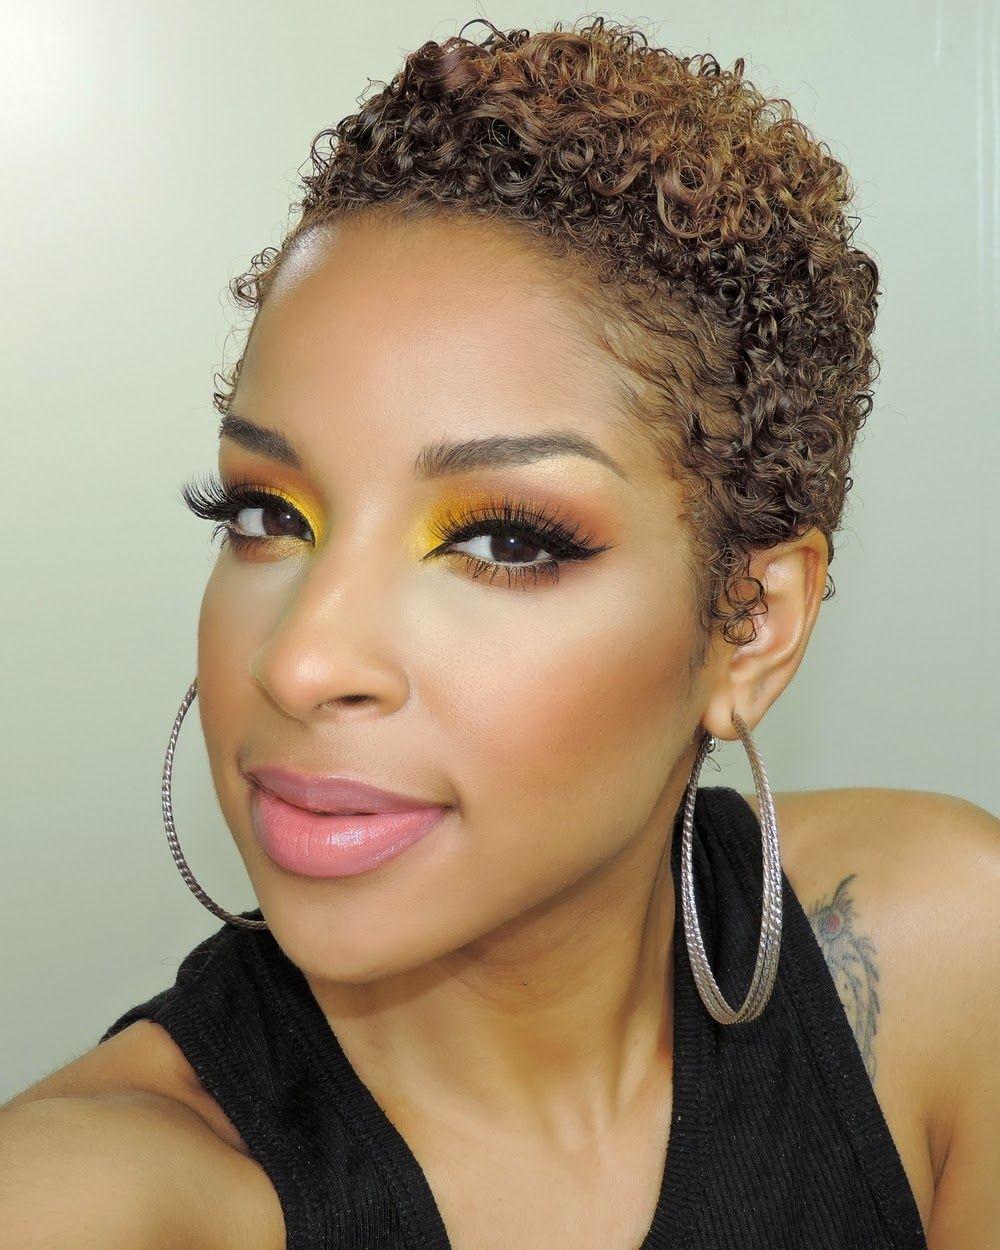 +20 meilleures photos de coupe cheveux bouclés femme noir - LiloBijoux - Bijoux Fantasie ...